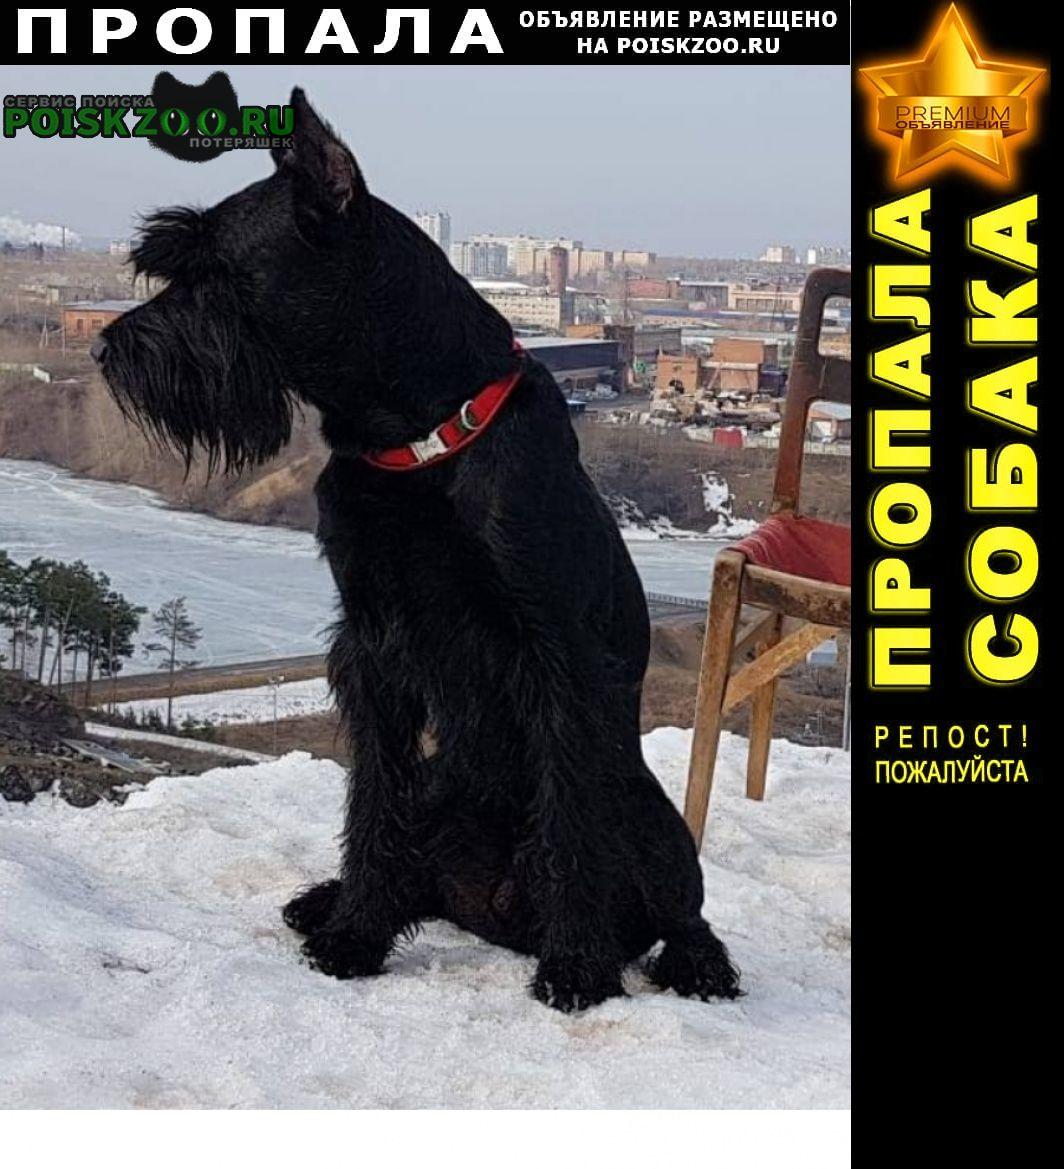 Пропала собака чёрный ризеншнауцер Березовский (Свердловская обл.)